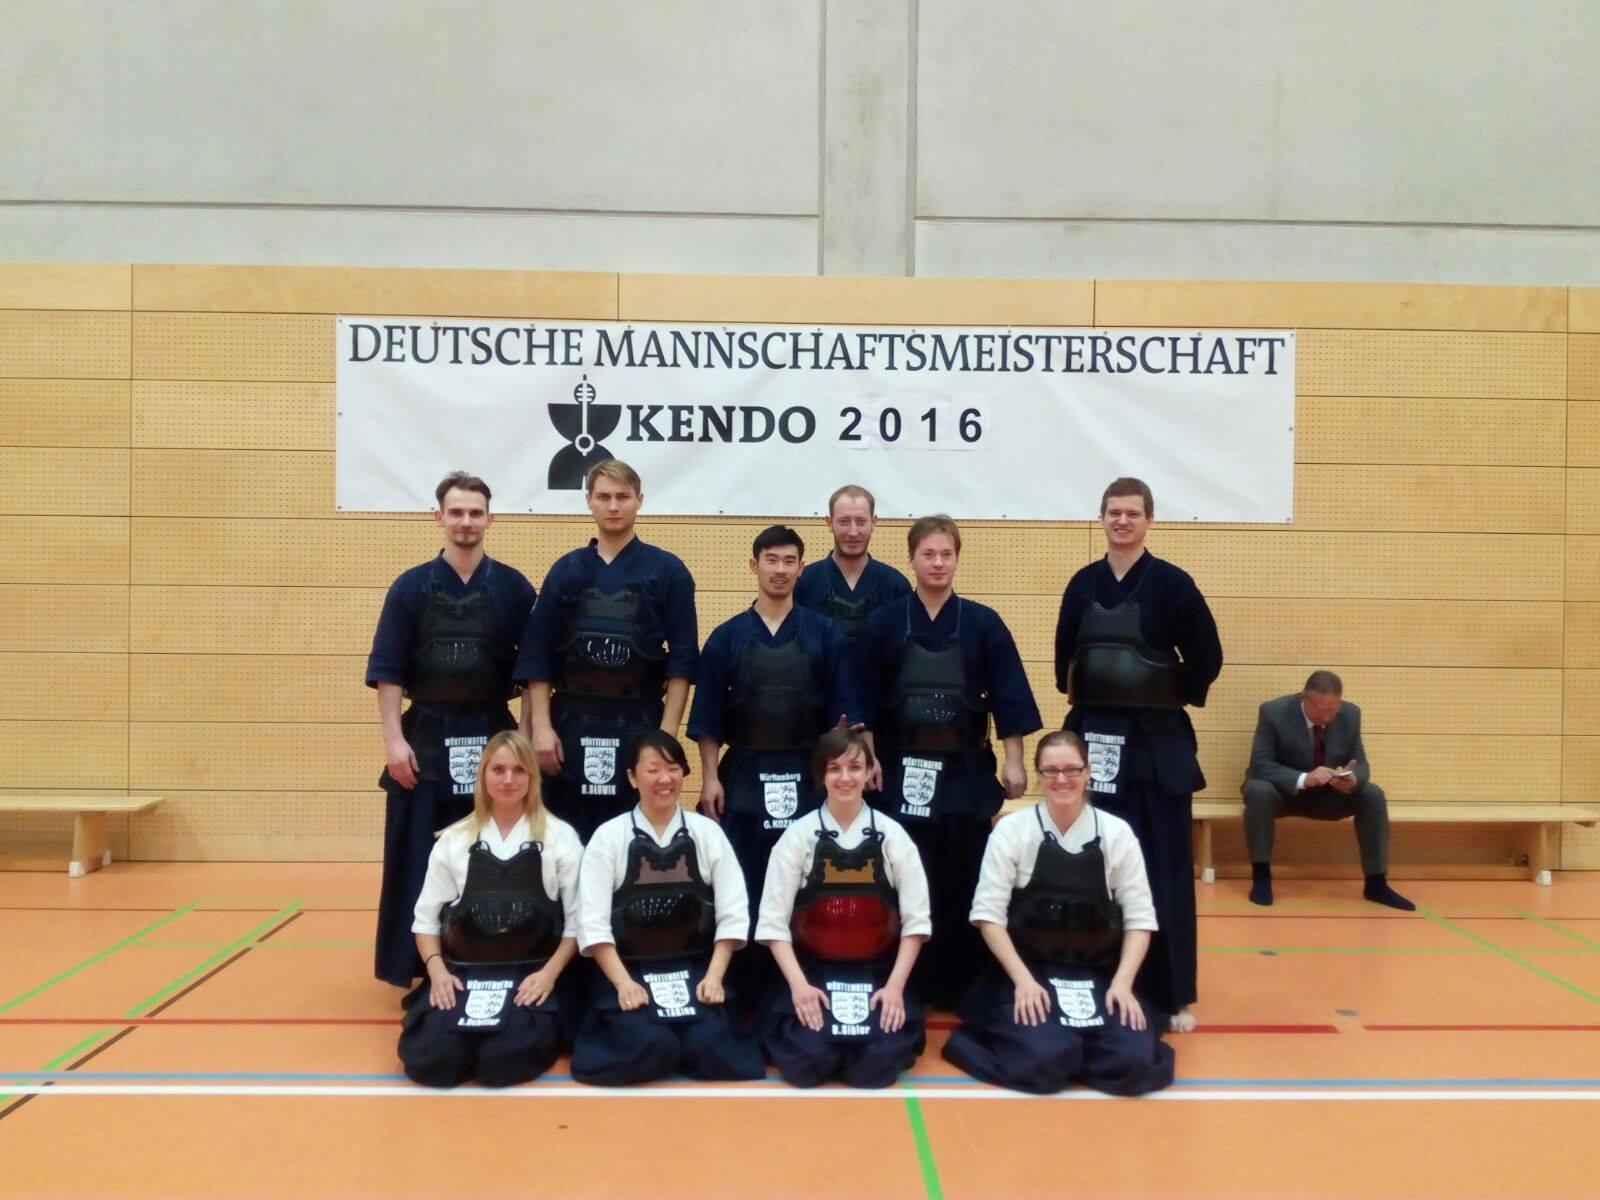 Bericht zur Deutschen Mannschaftsmeisterschaft 2016